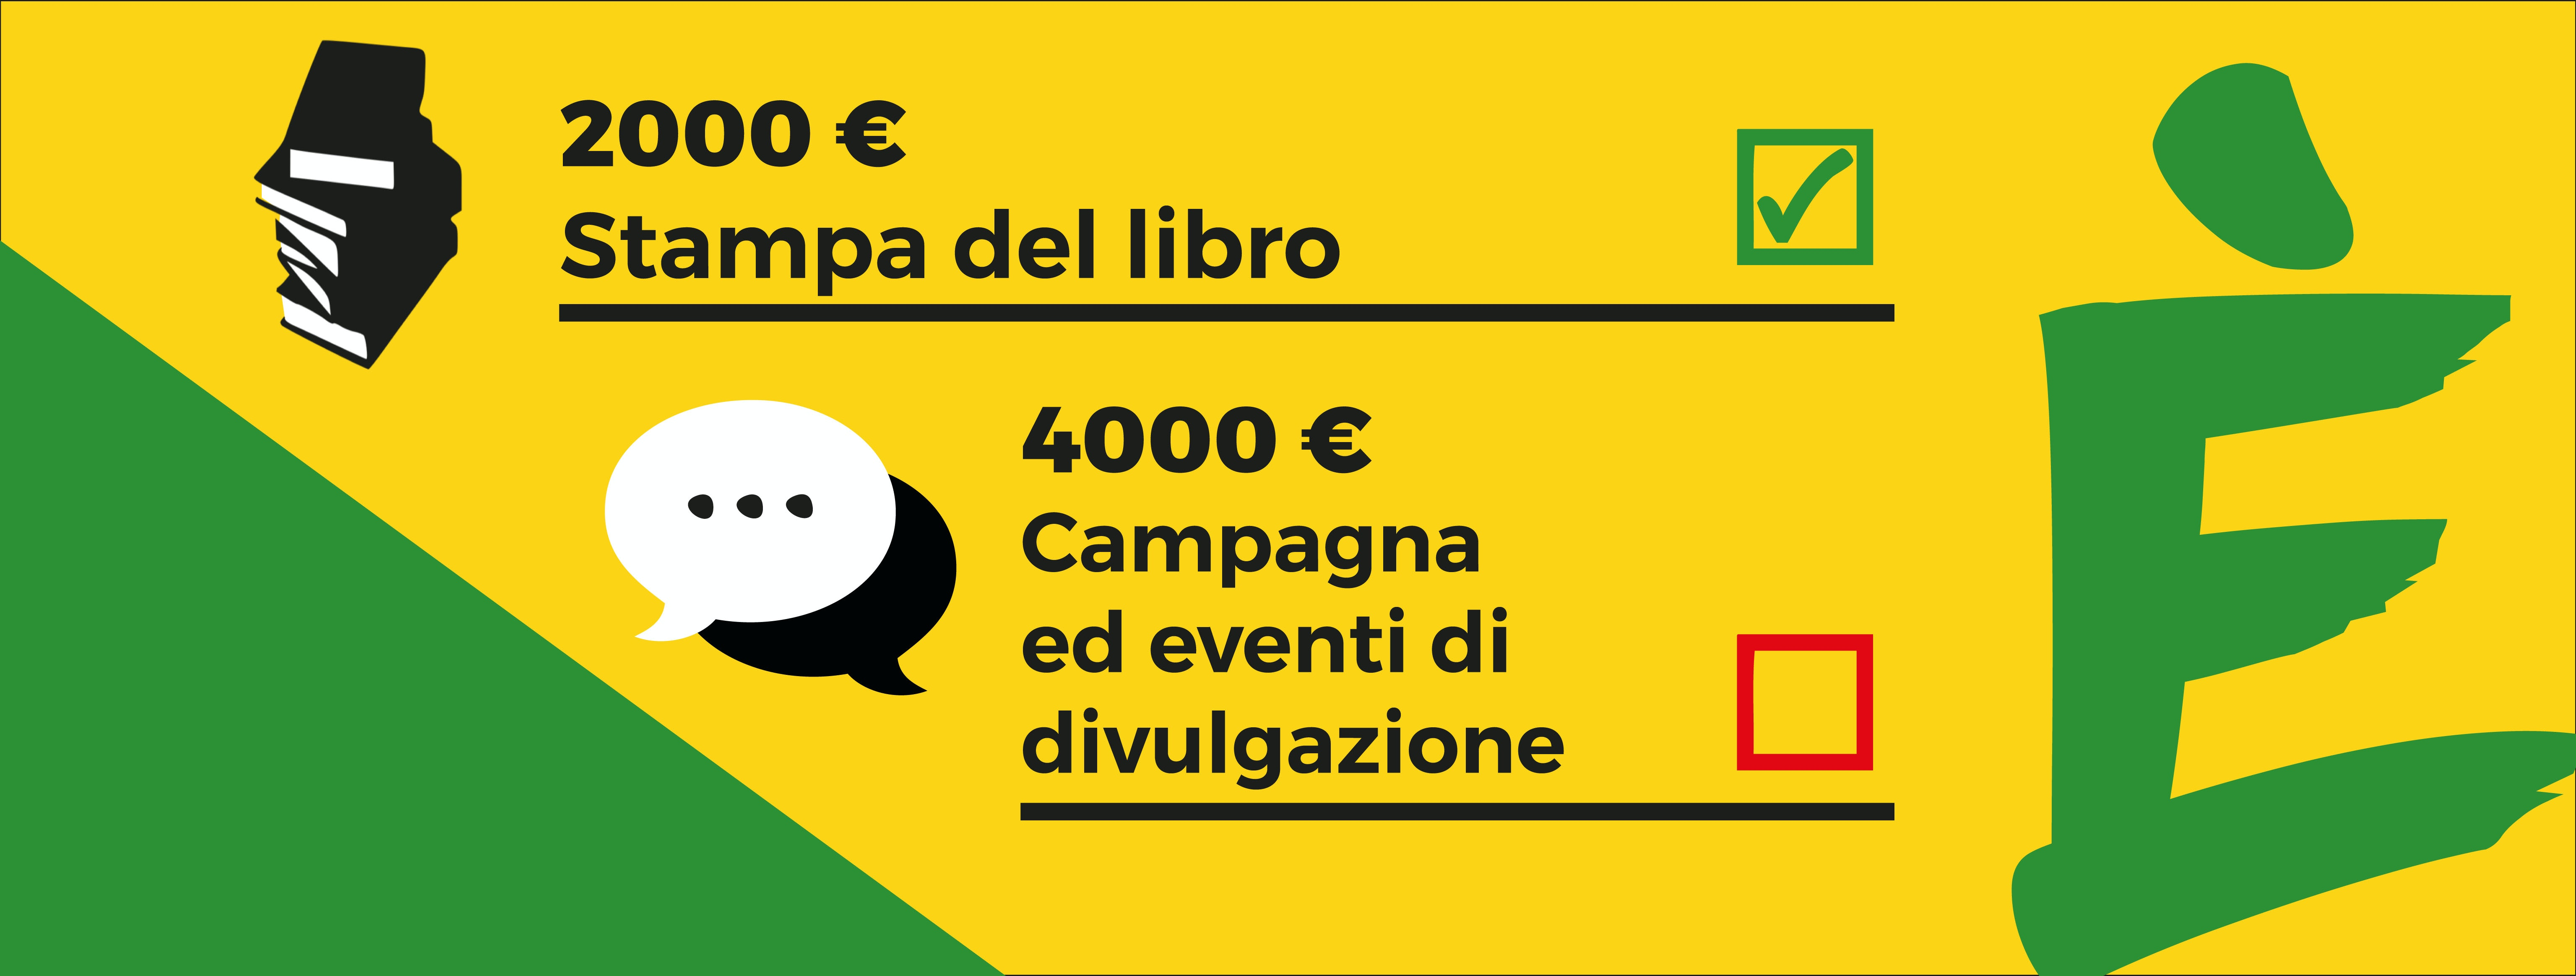 1470056693949596 banner campagna libro